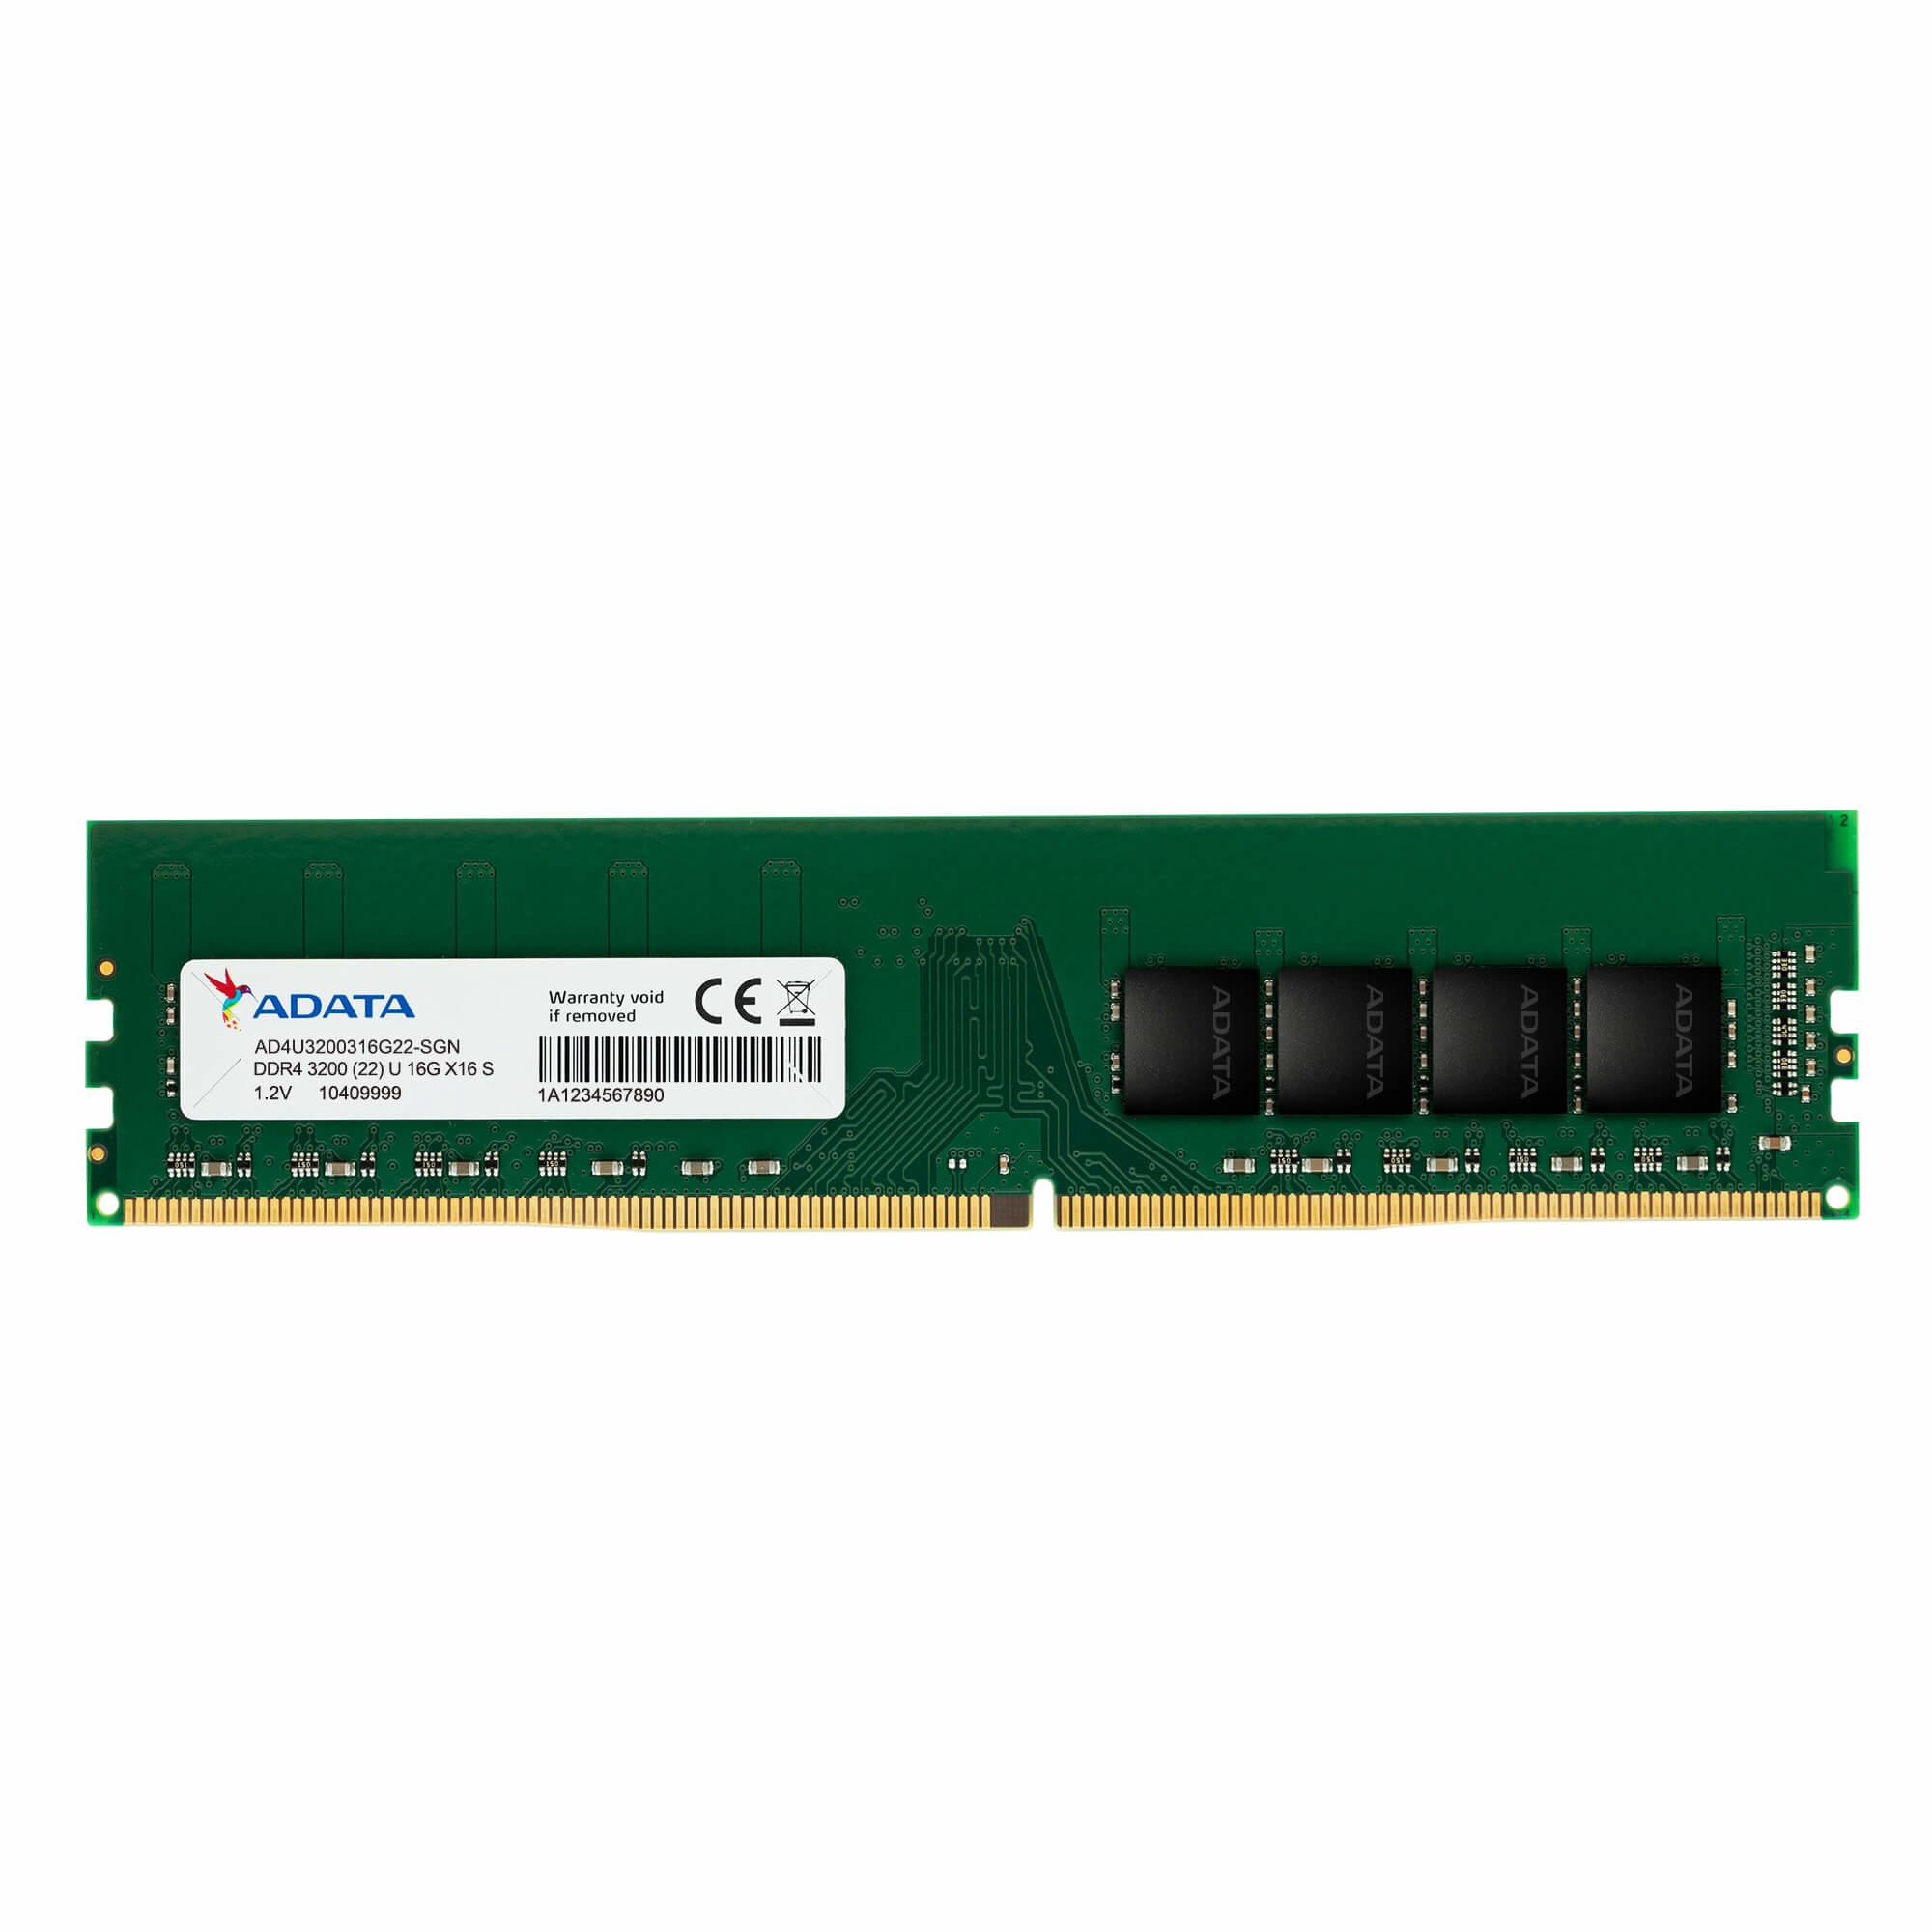 ADATA AD4U3200716G22-SGN memory module 16 GB DDR4 3200 MHz